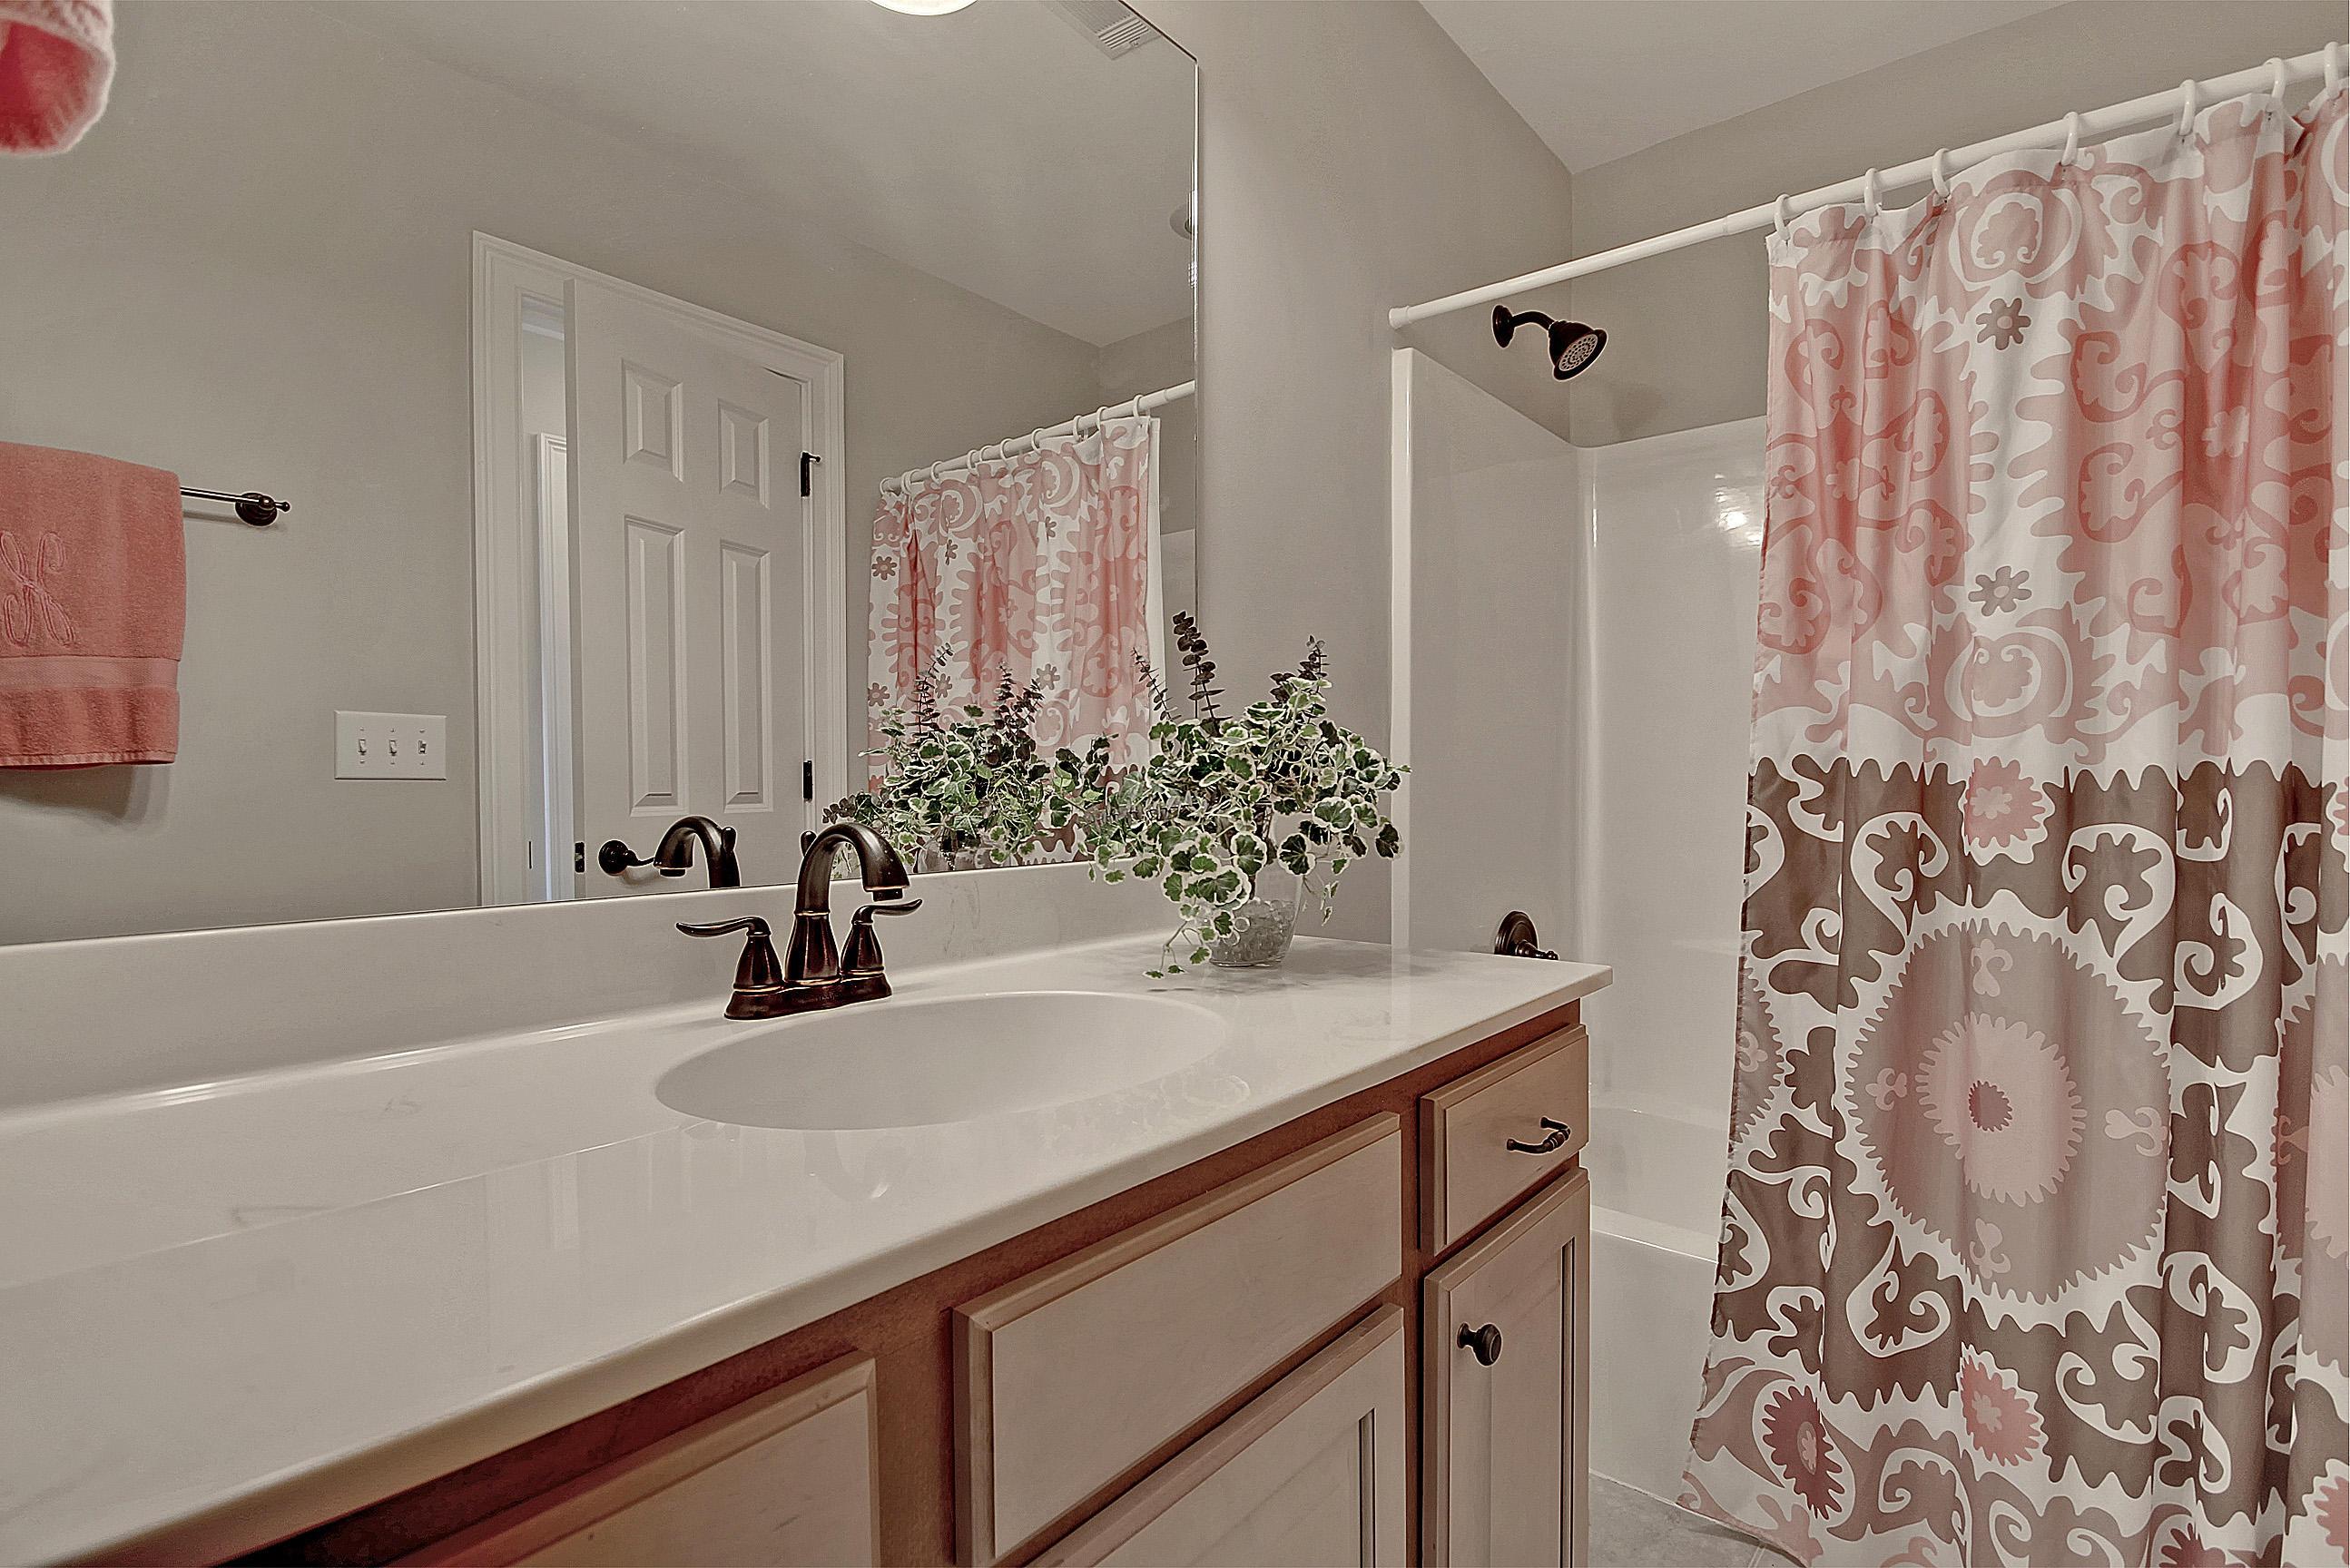 Dunes West Homes For Sale - 2721 Fountainhead, Mount Pleasant, SC - 70